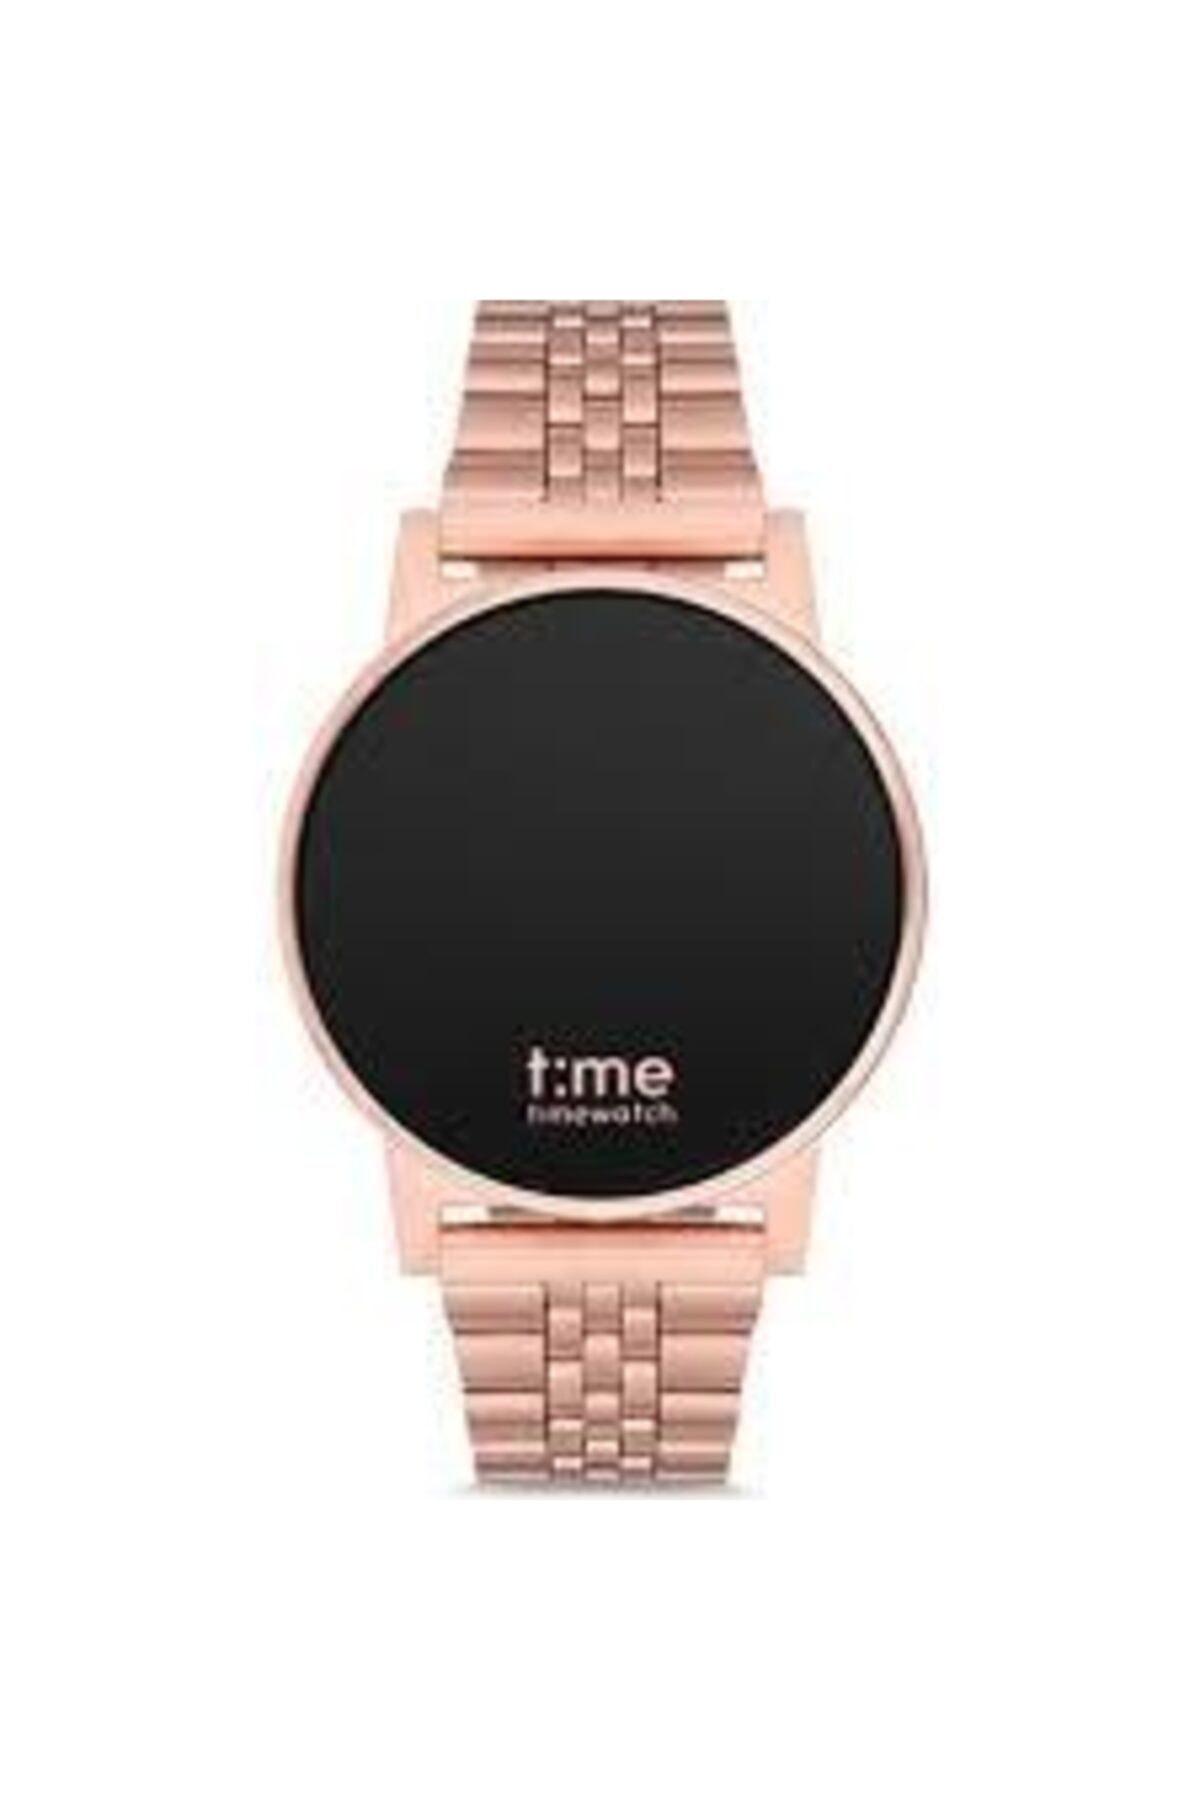 Timewatch Unısex Kol Saati 1